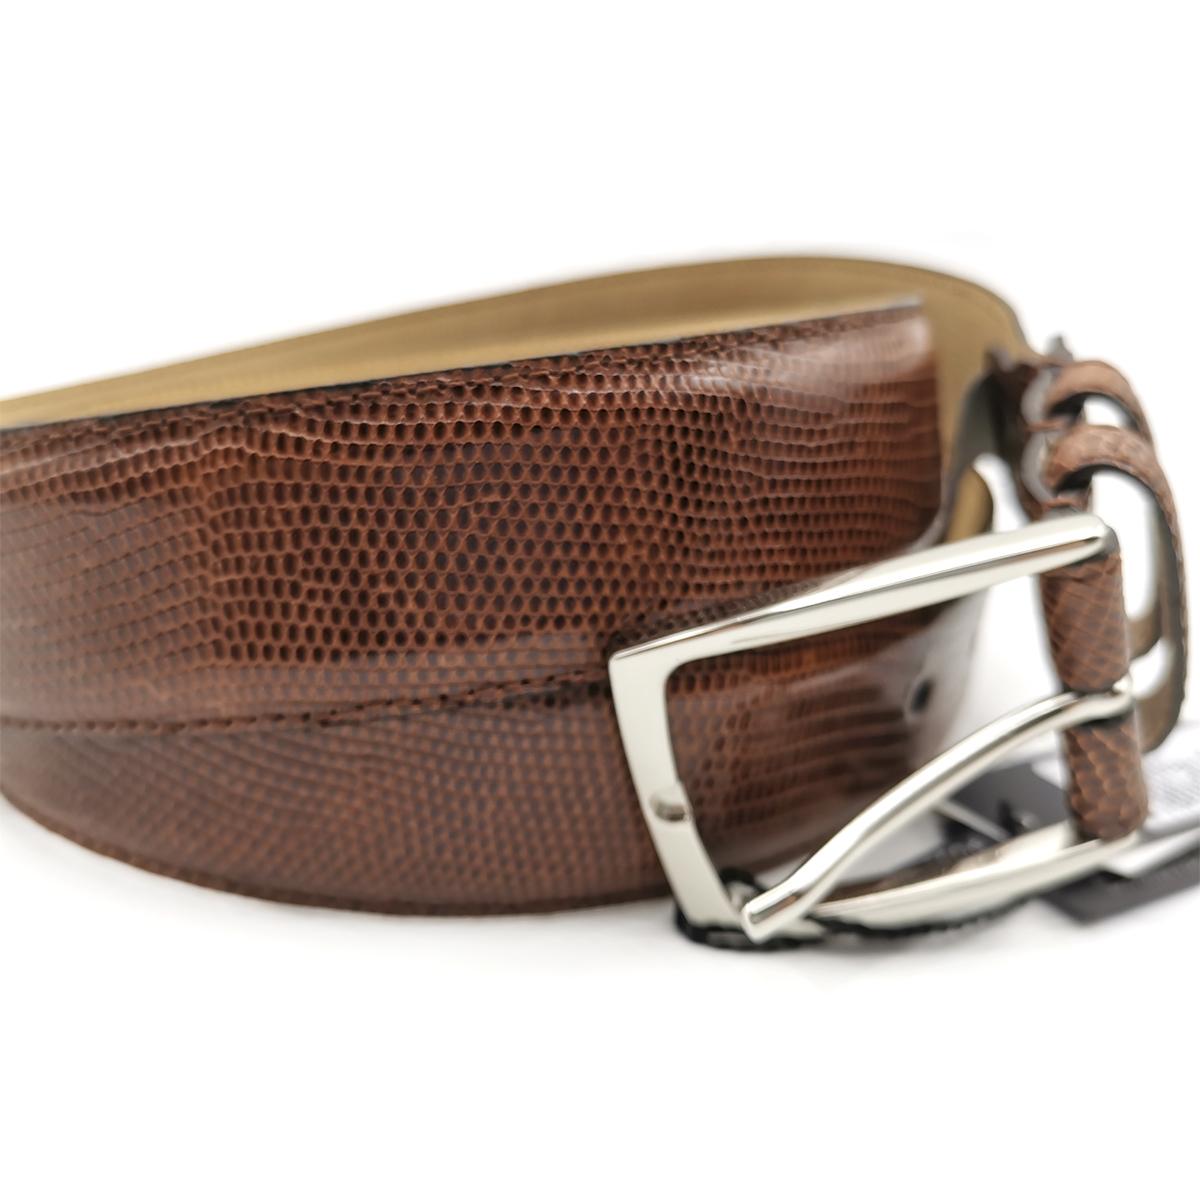 Cinturón Piel de Lagarto Fabricación Española